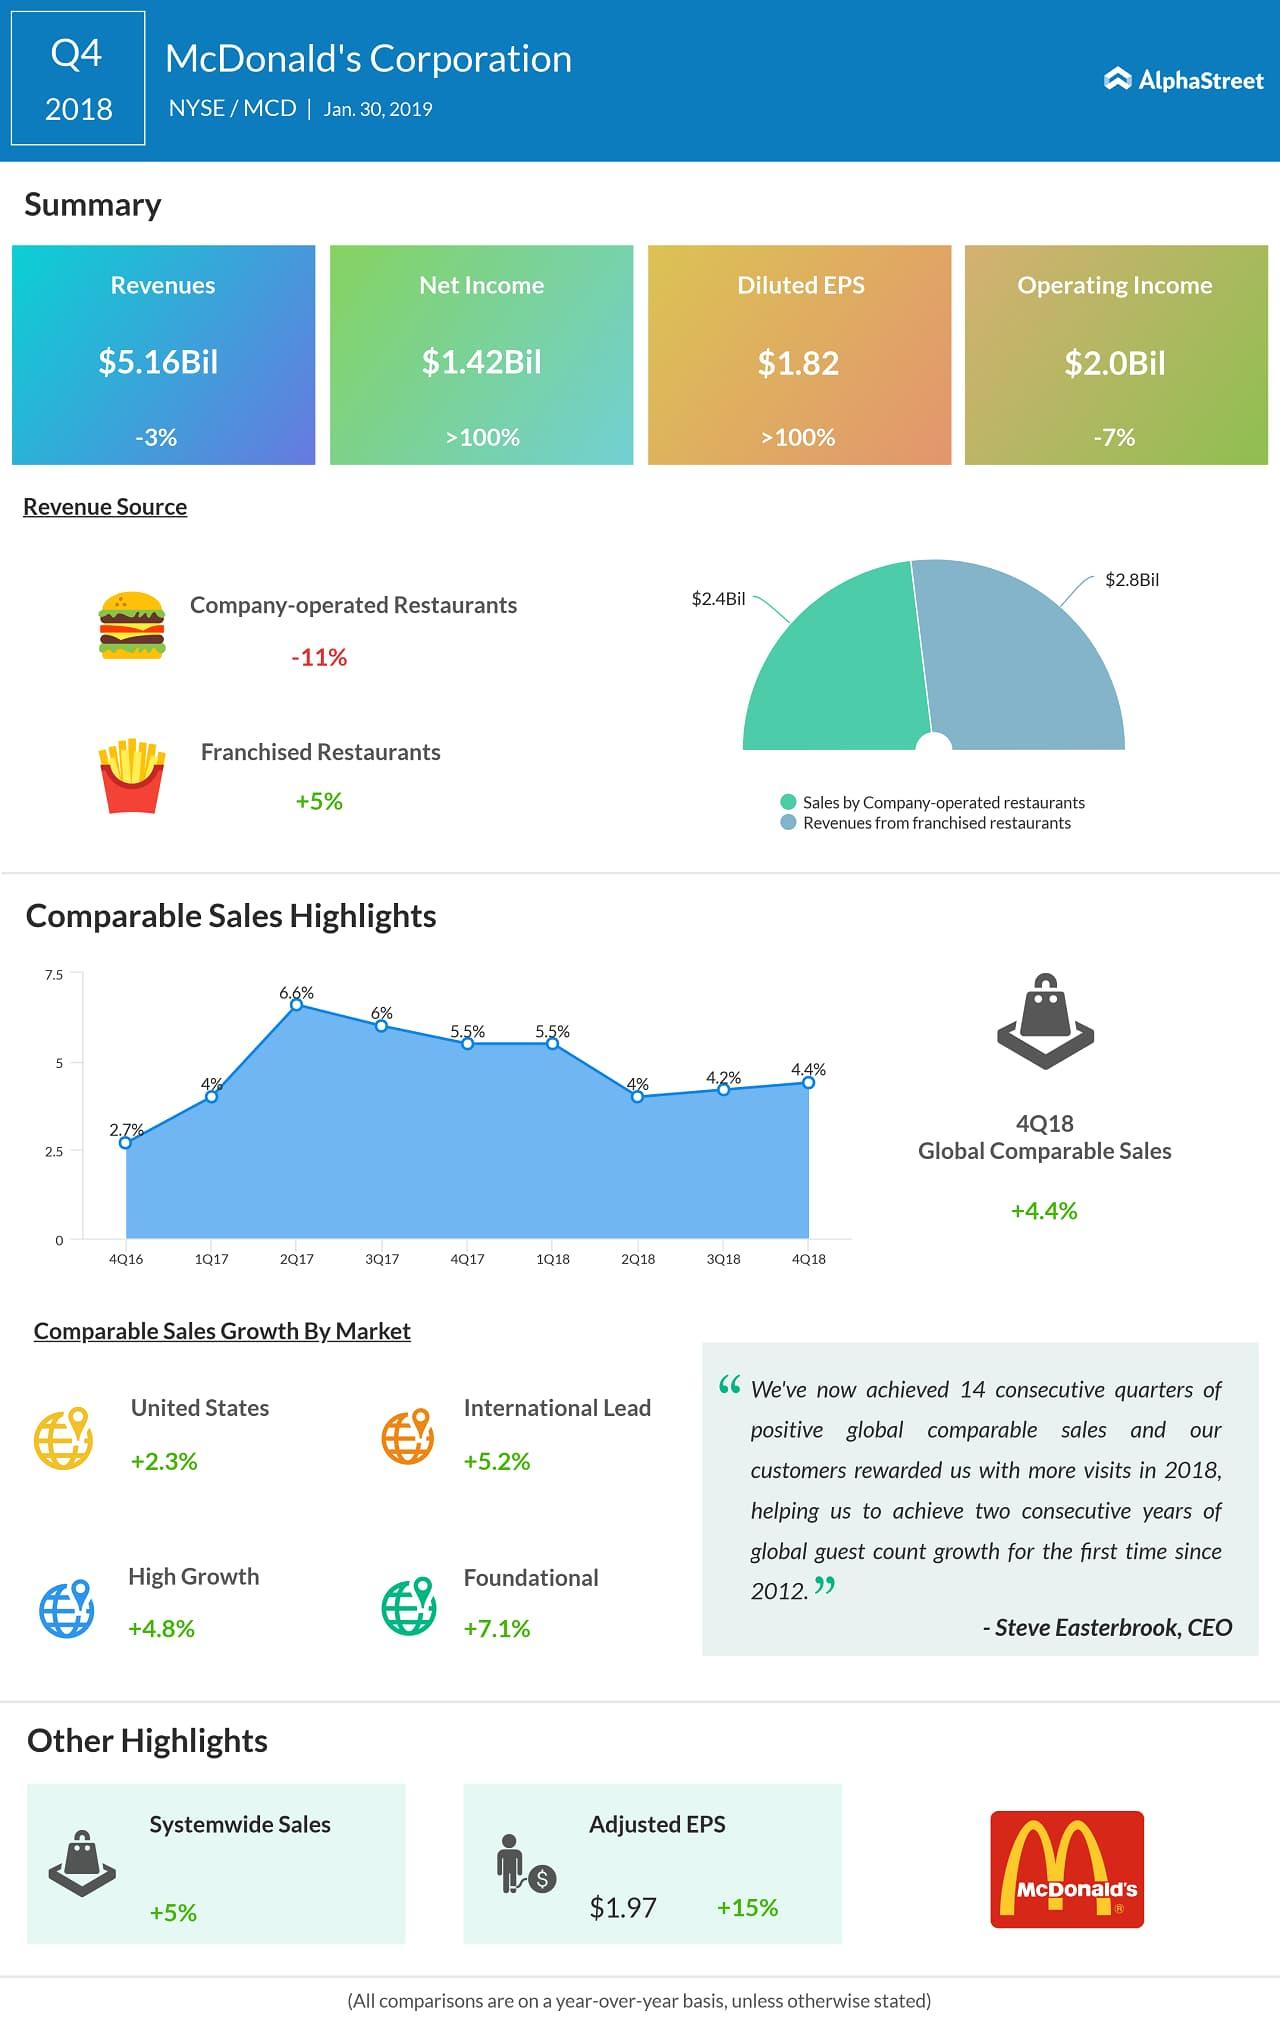 McDonalds fourth quarter 2018 earnings snapshot